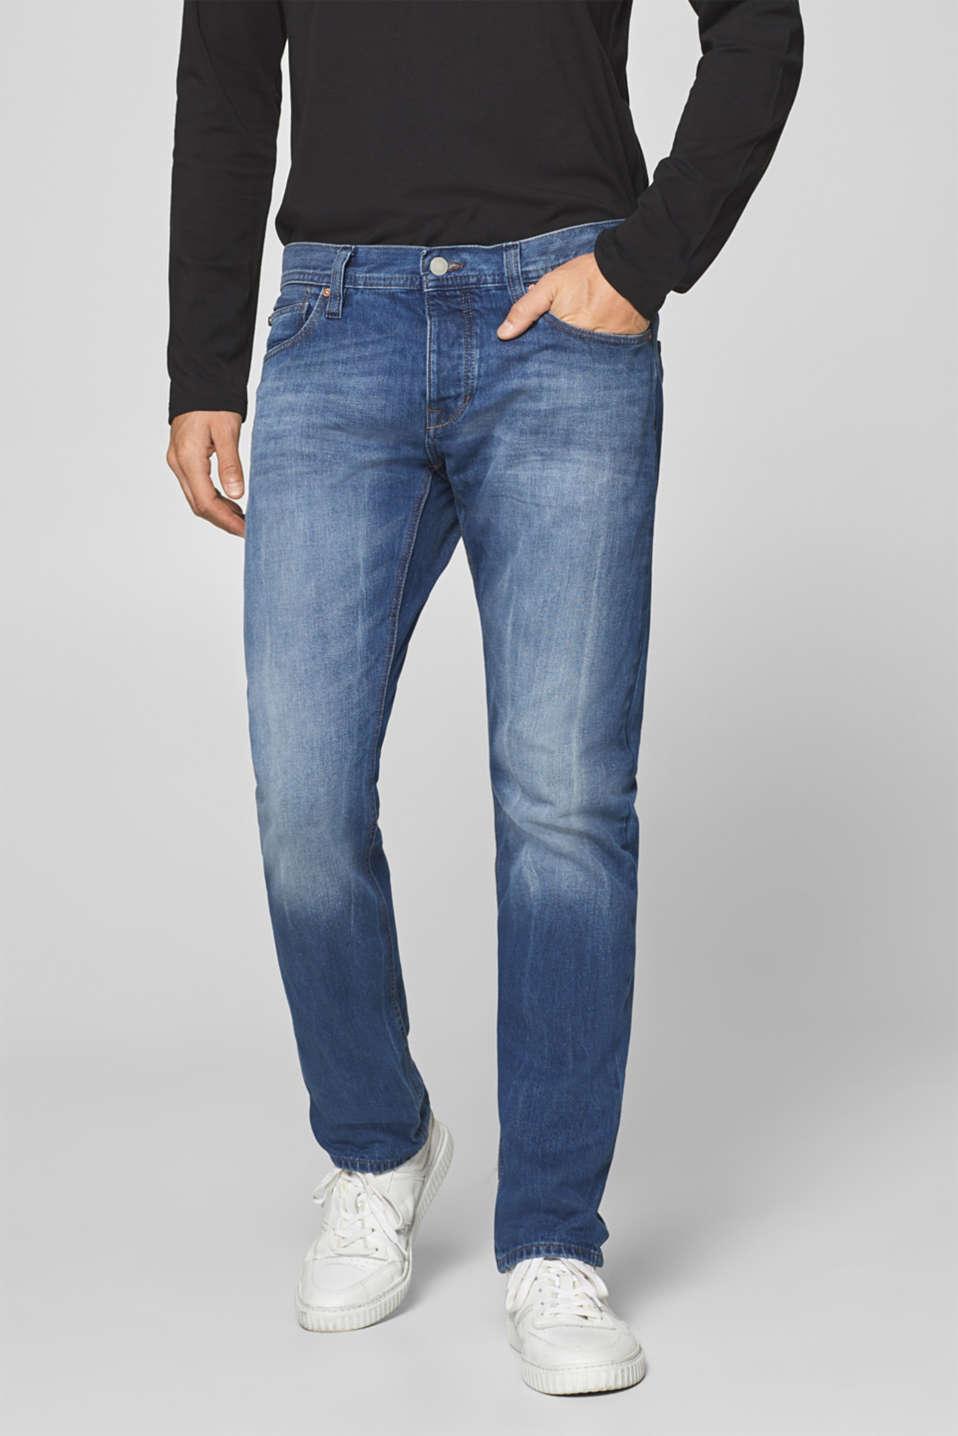 Vintage wash jeans, 100% cotton